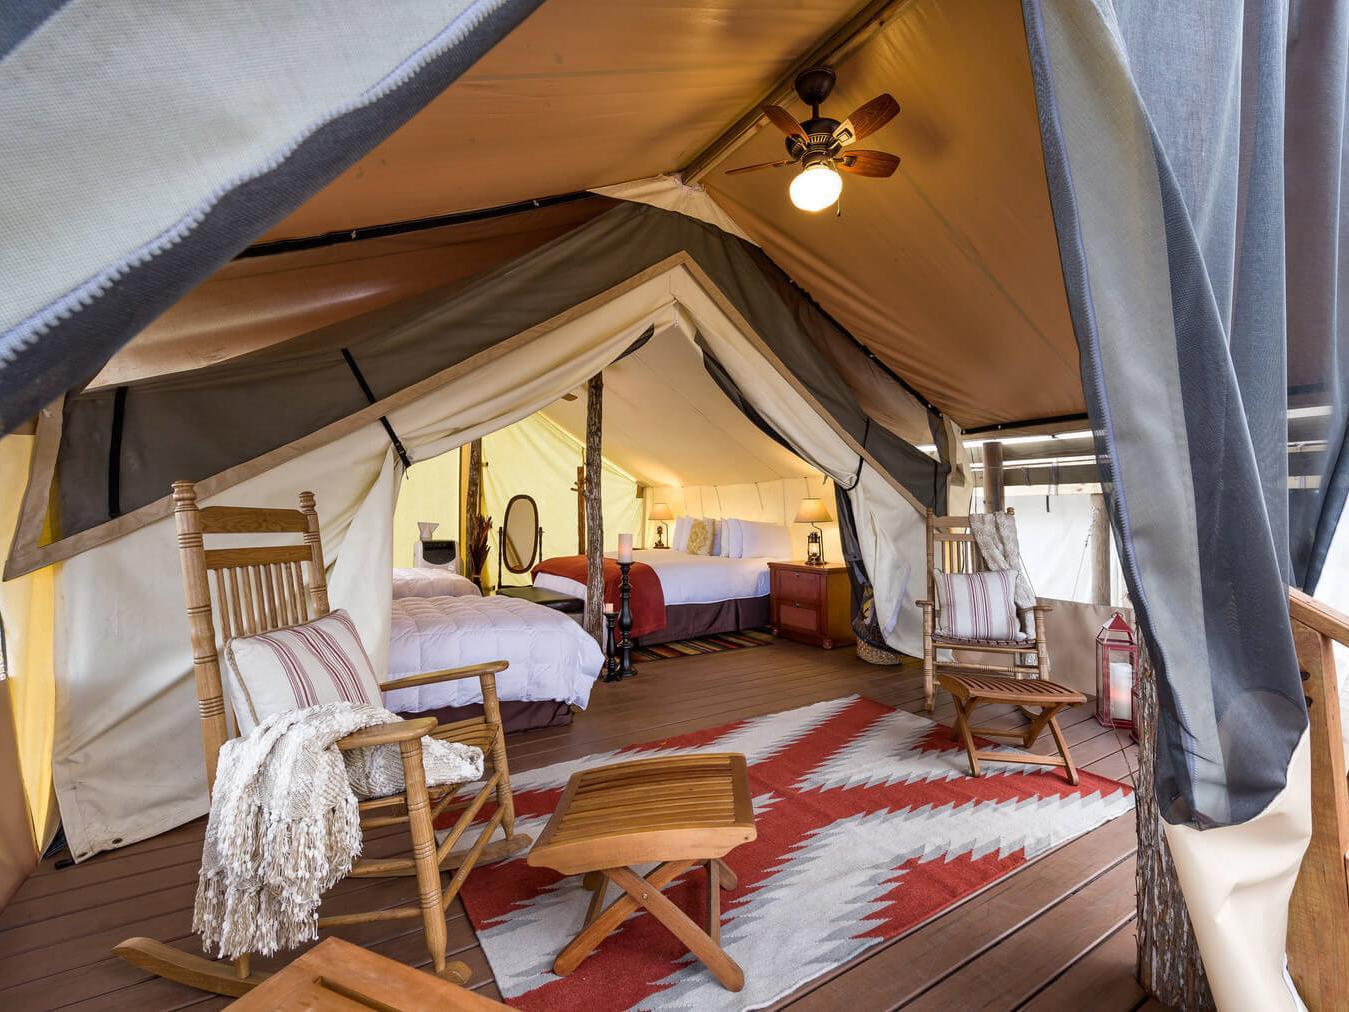 浪漫的野外露营 帐篷酒店韦斯特盖特河牧场度假村和圈地